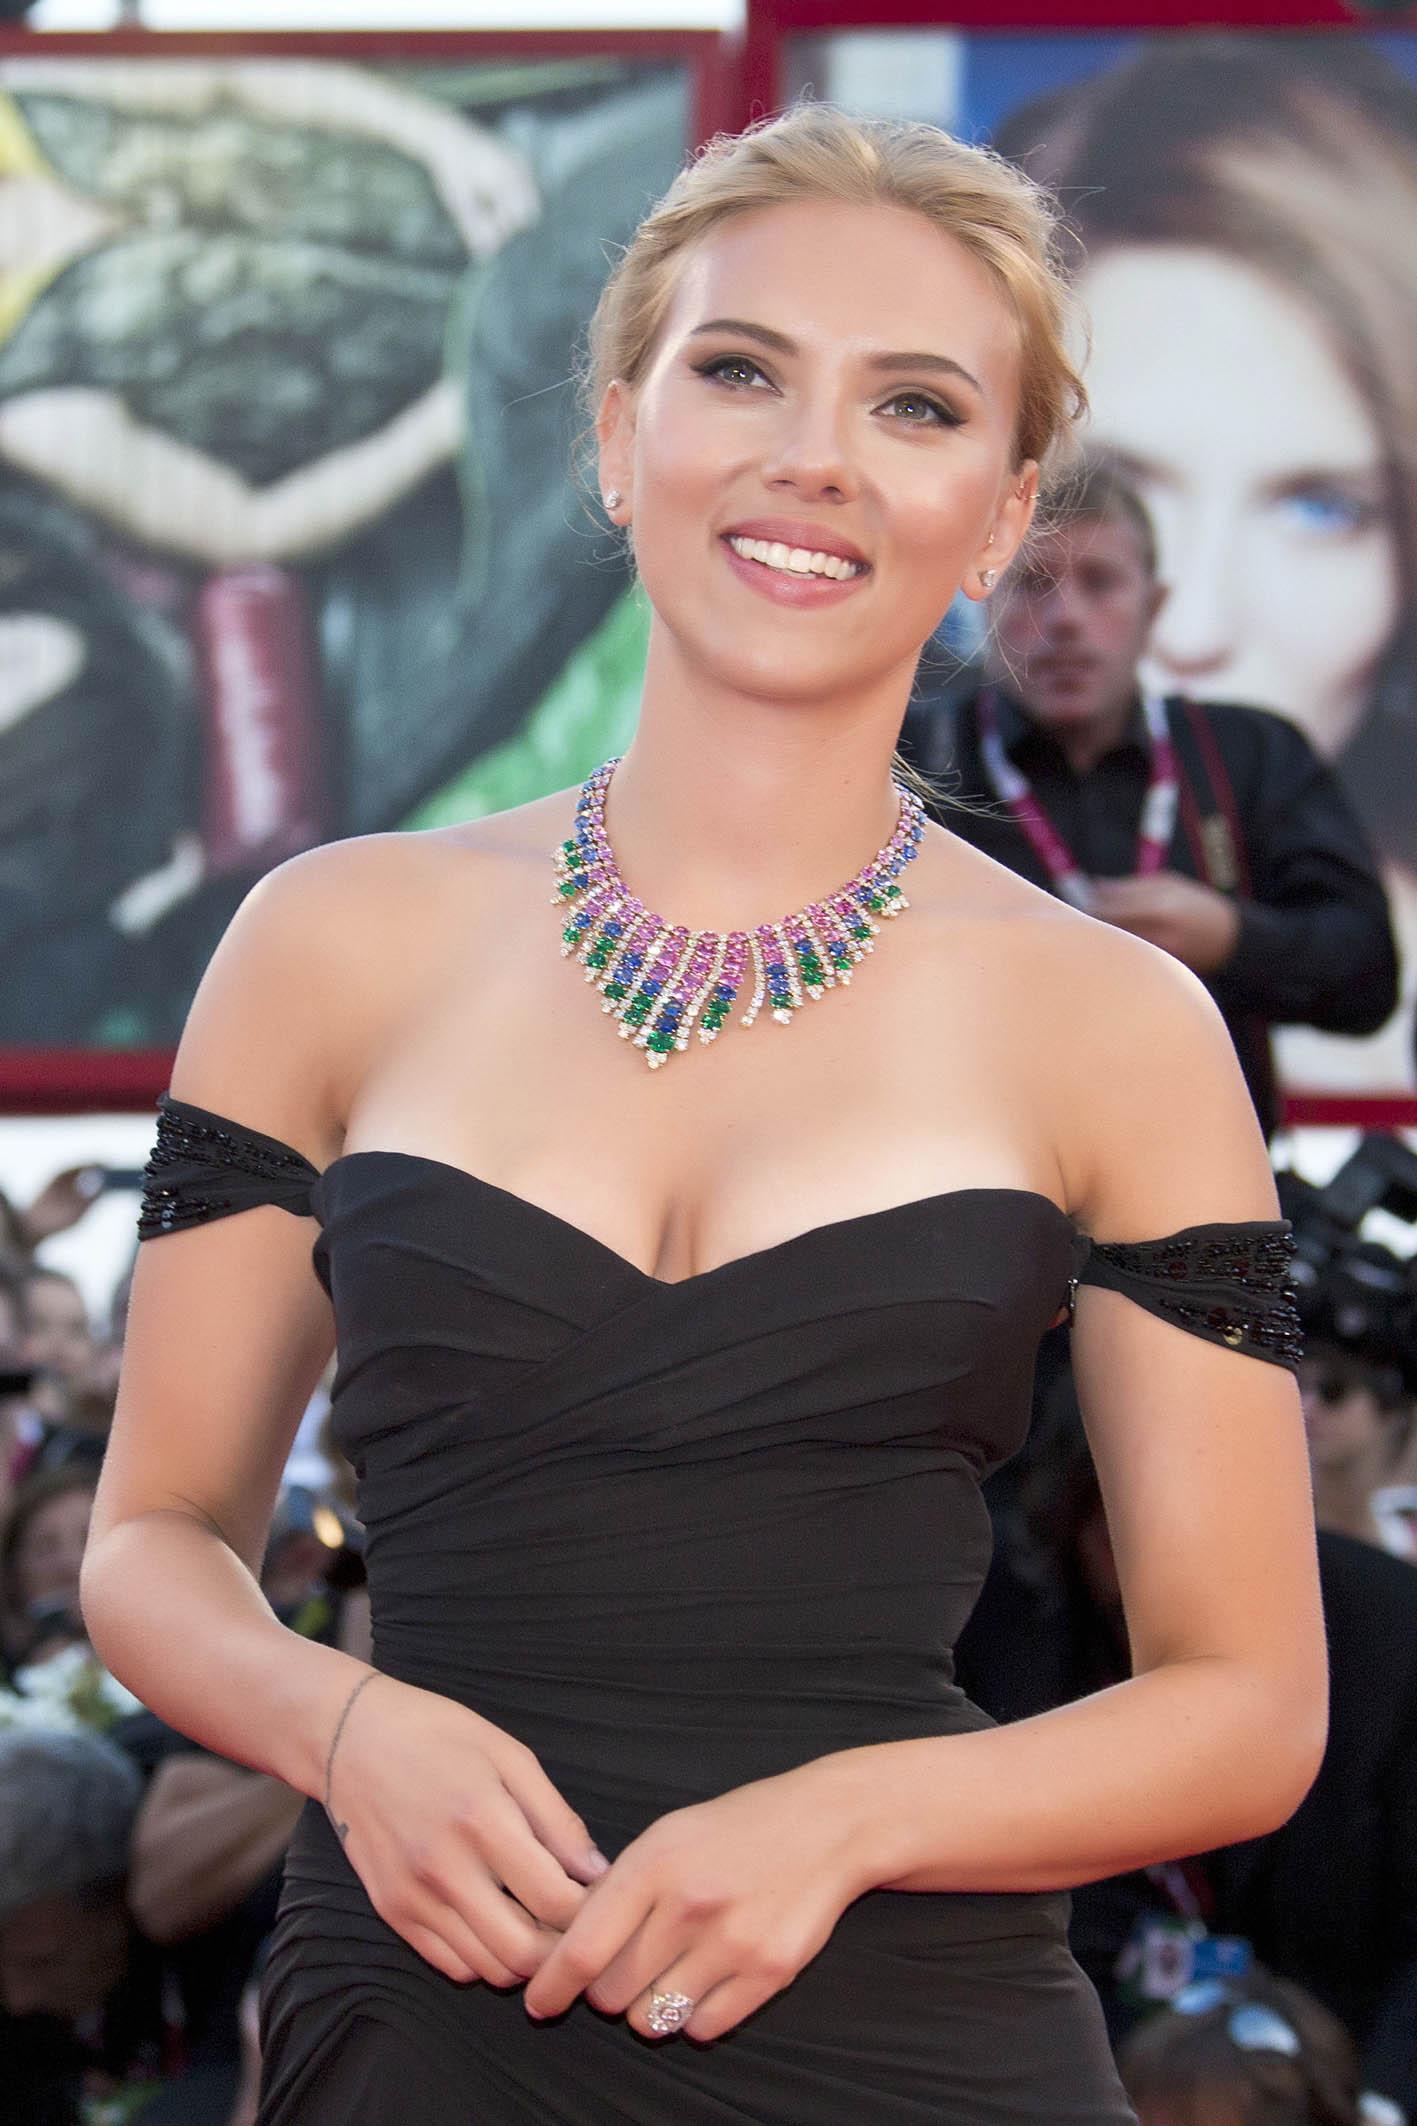 Scarlett Johansson Photos Under The Skin Premiere 09